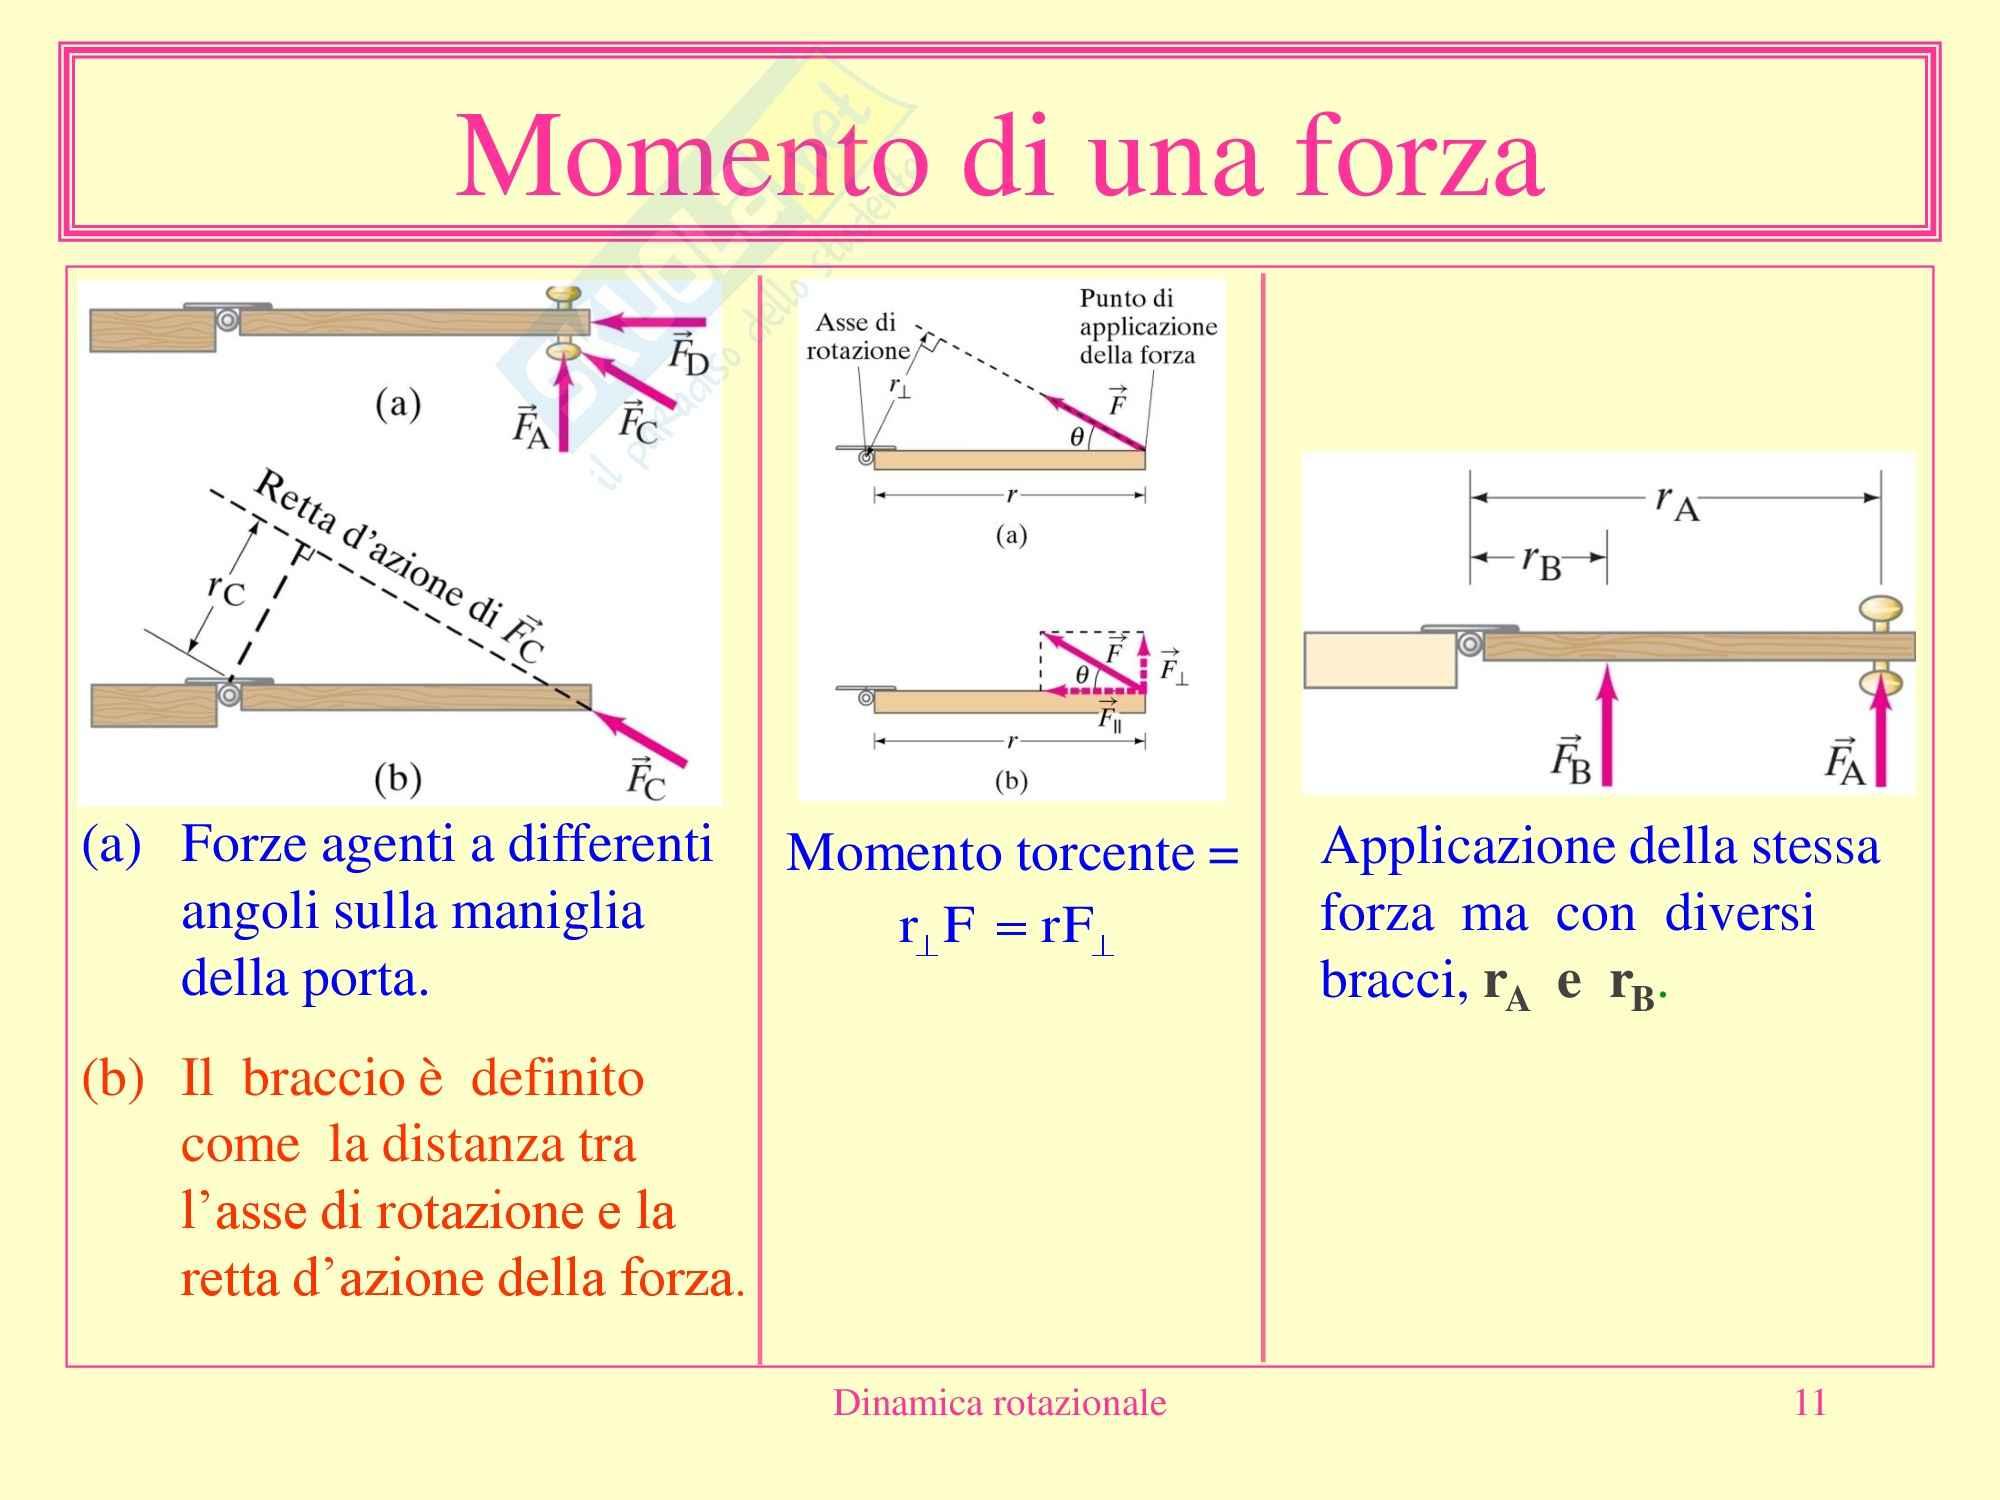 Fisica medica - dinamica rotazionale Pag. 11